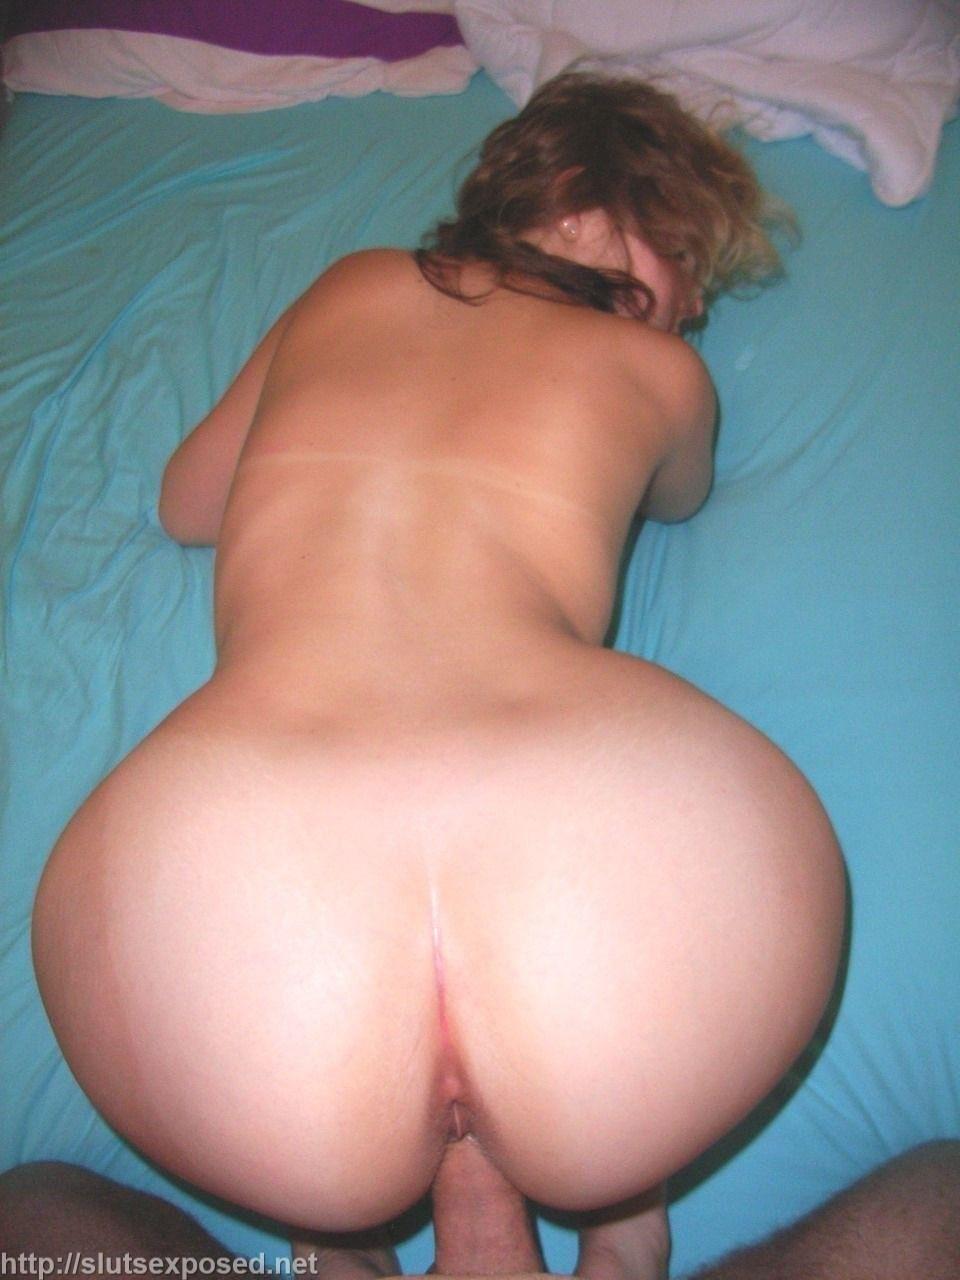 Засунул толстый хуй в анус жене